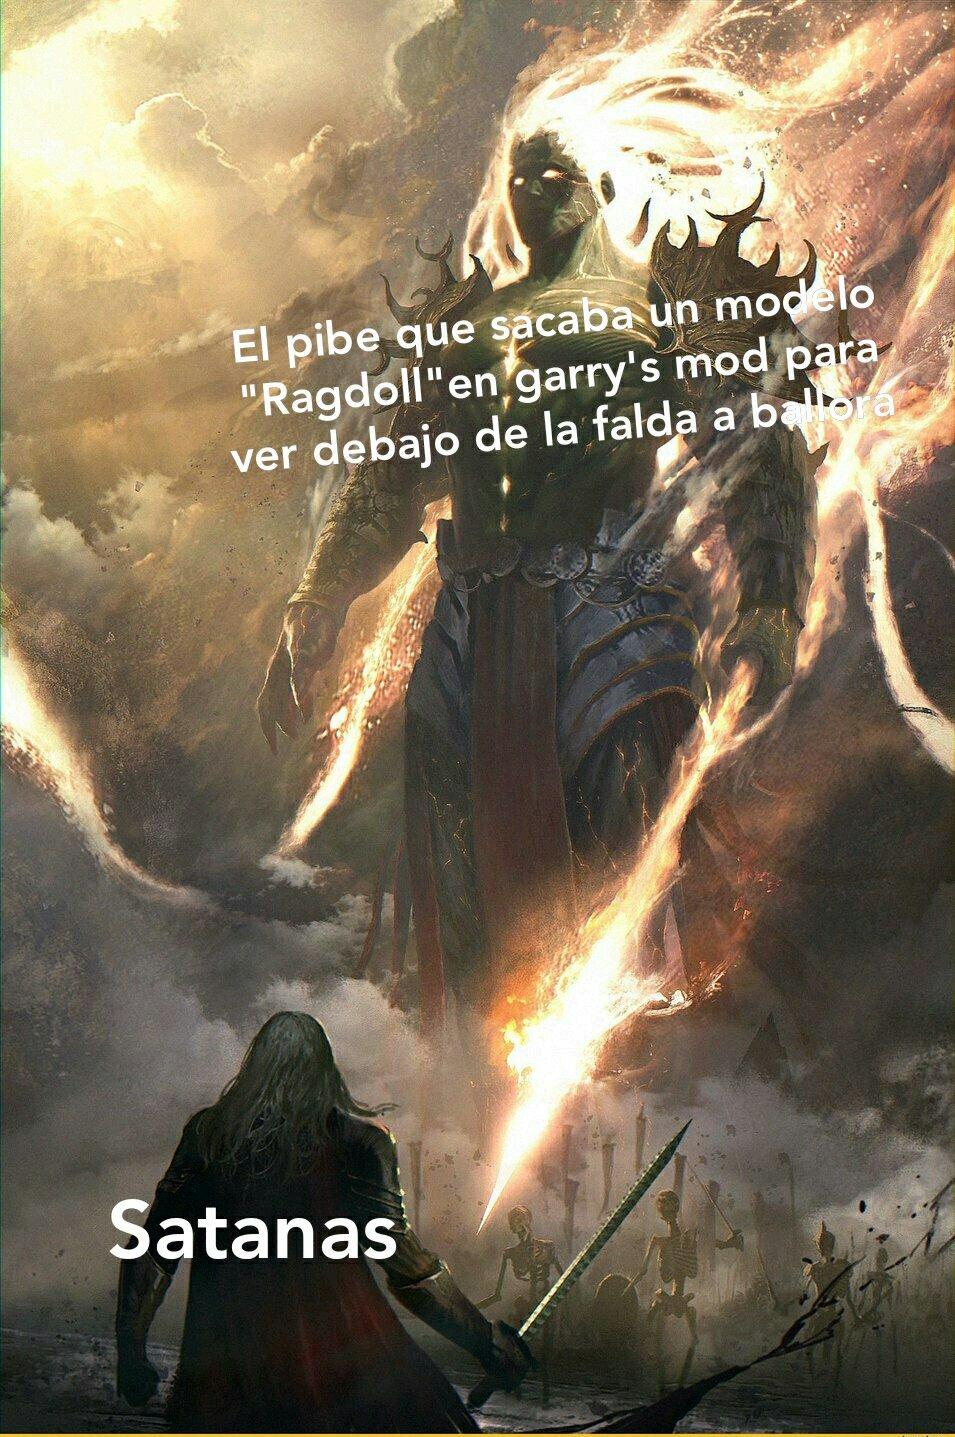 El garry's mod literal - meme